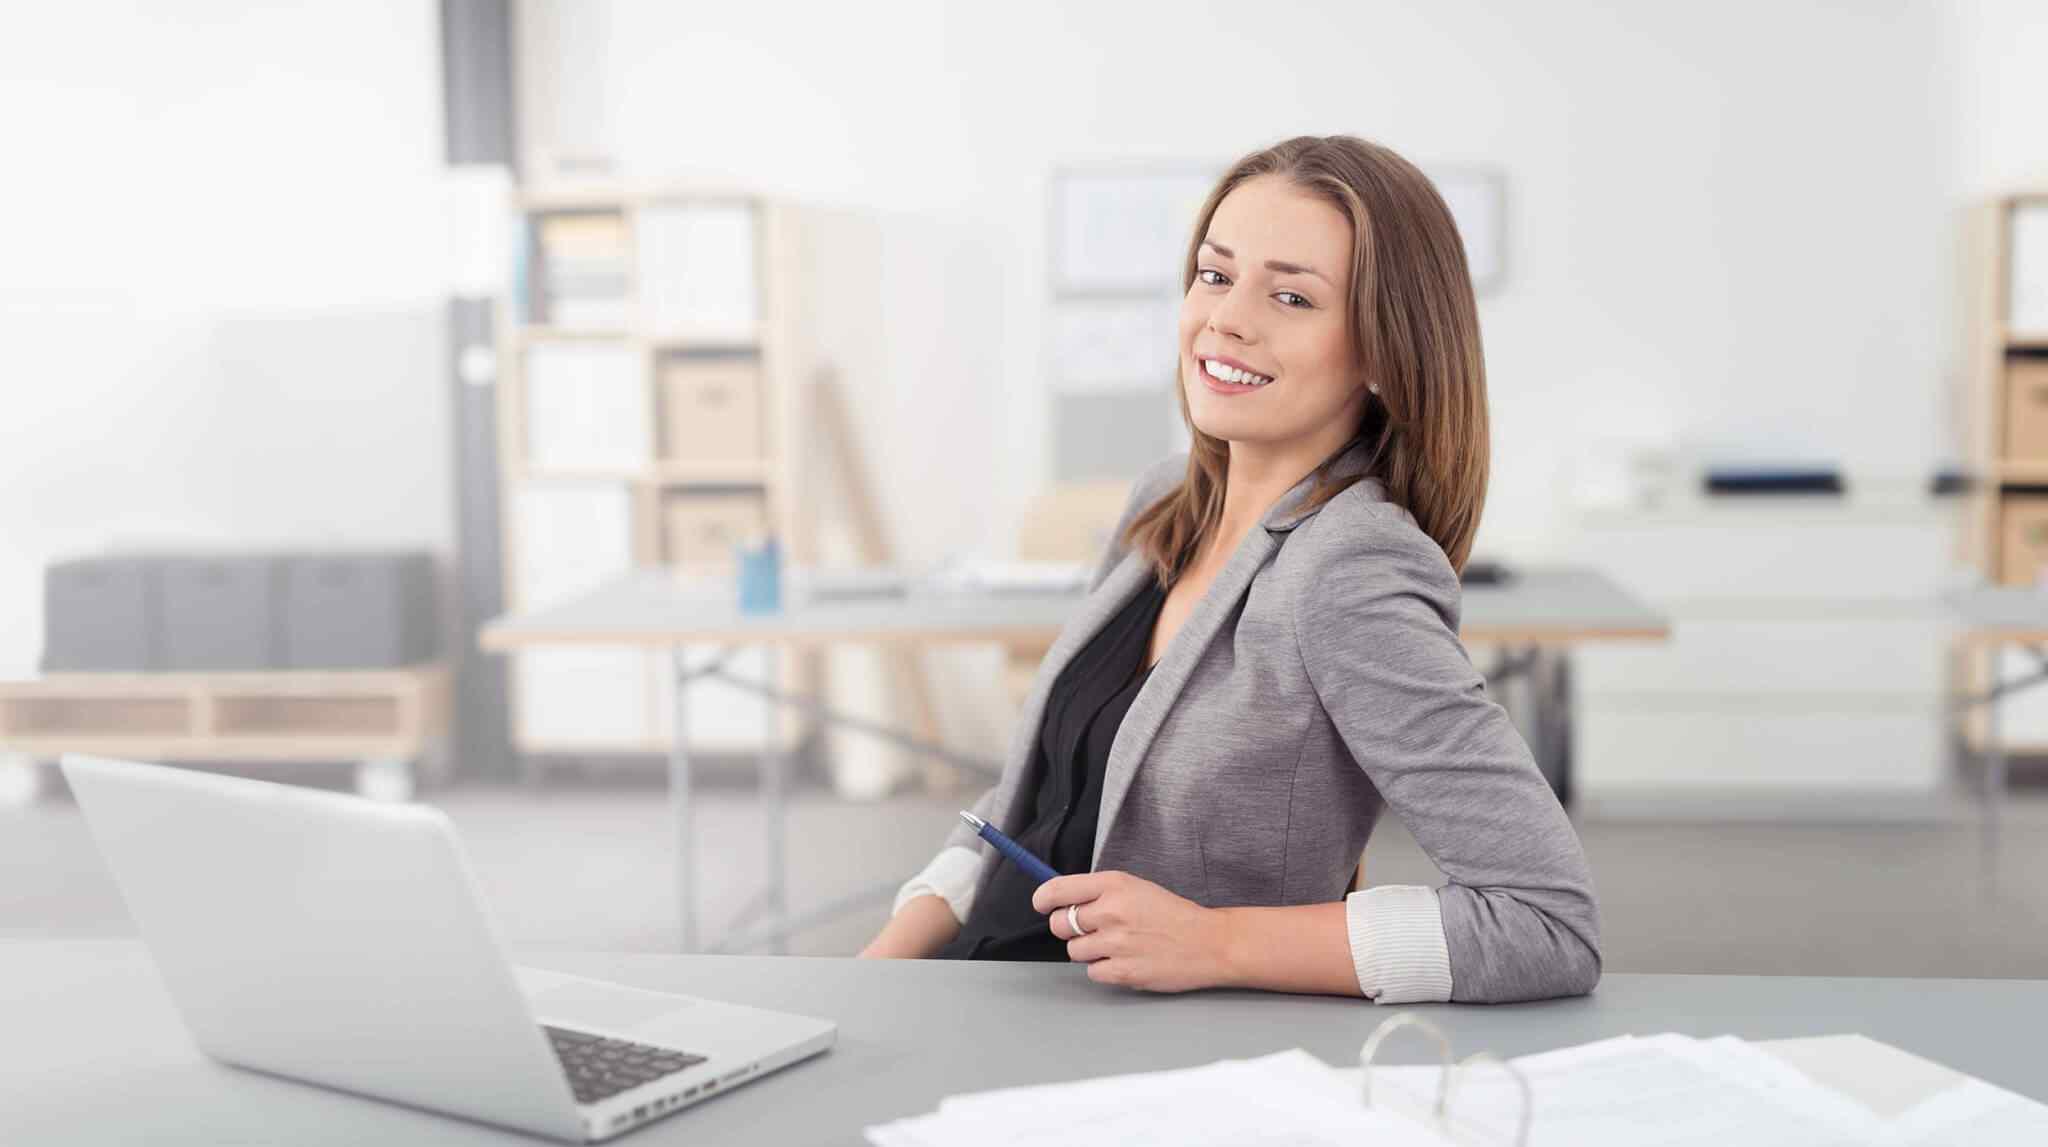 Mulher de terno sorrindo em frente a um computador